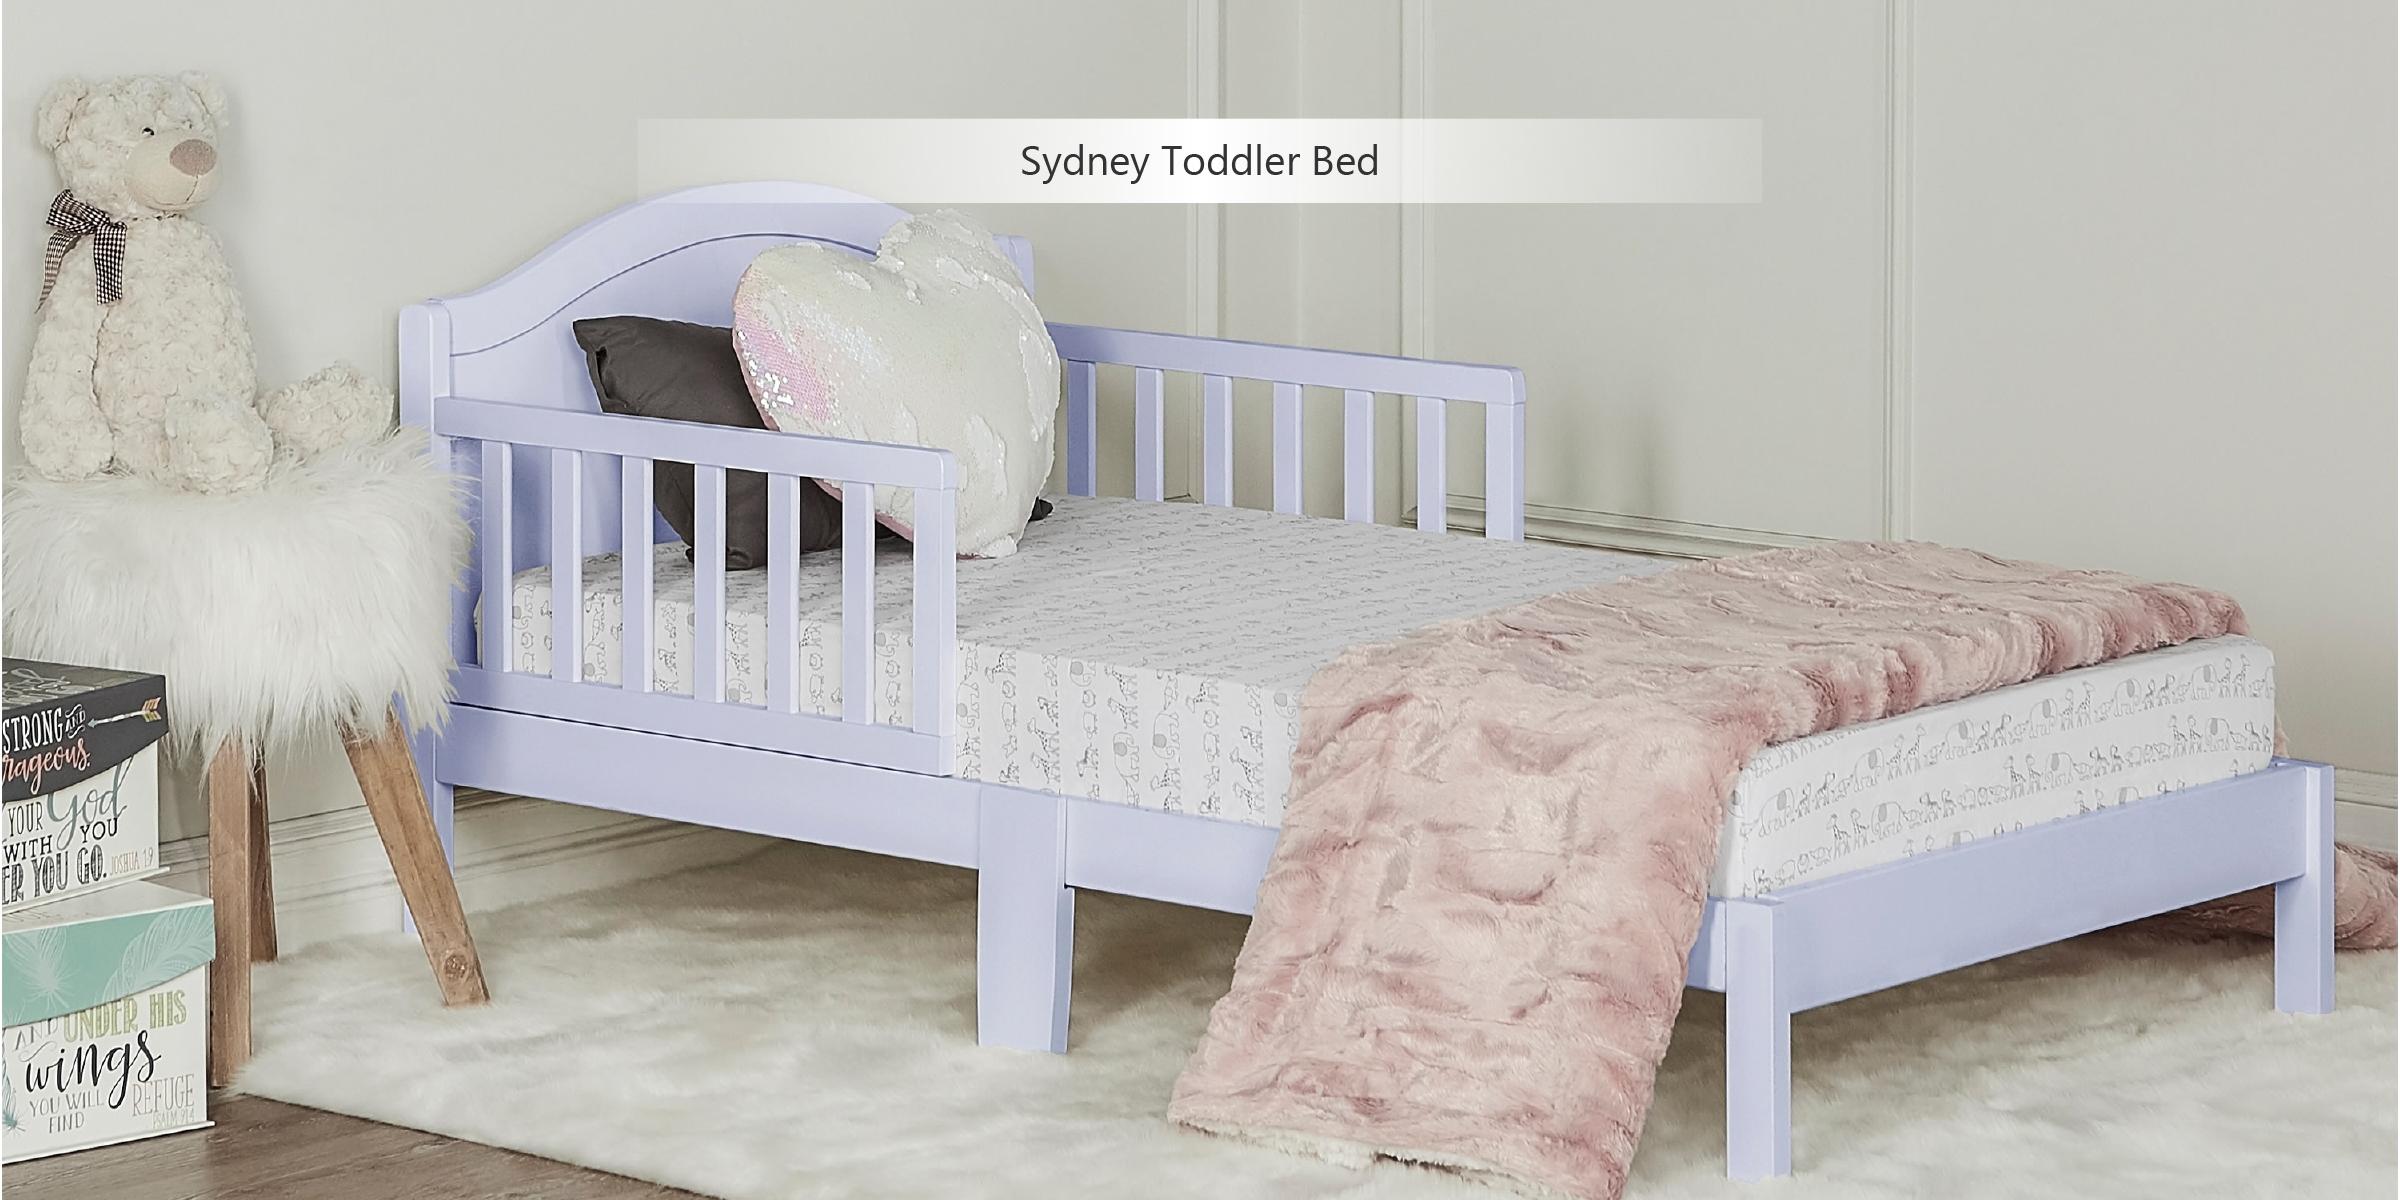 Sydney-Toddler-Bed